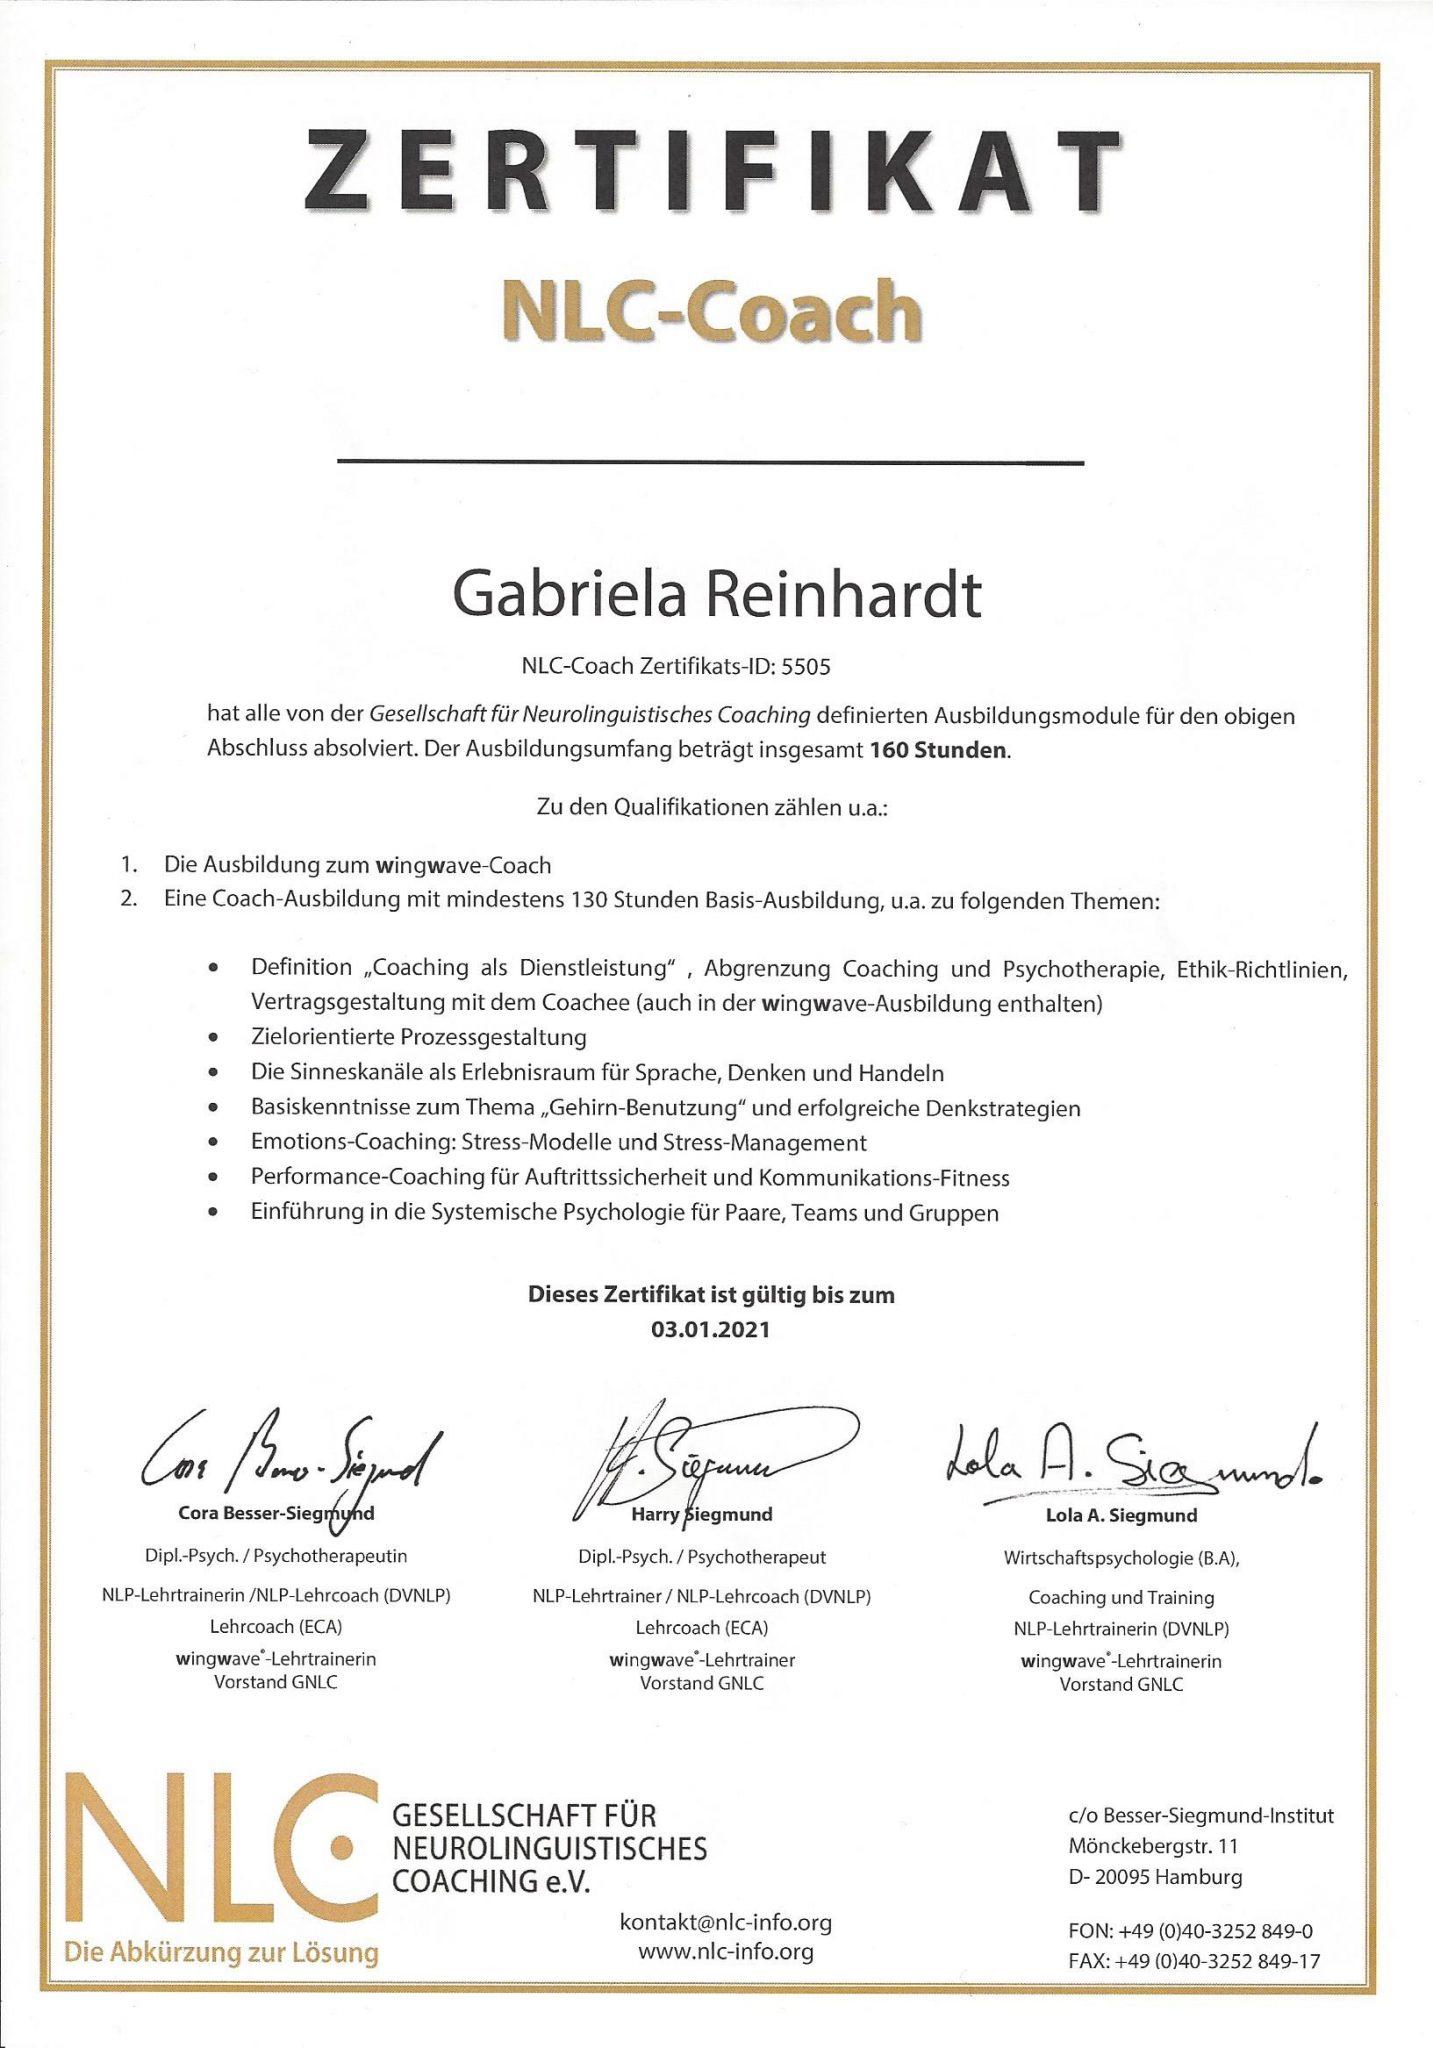 Zertifikate Zur Ausbildung Von Gabriela Reinhardt Rgh Consulting